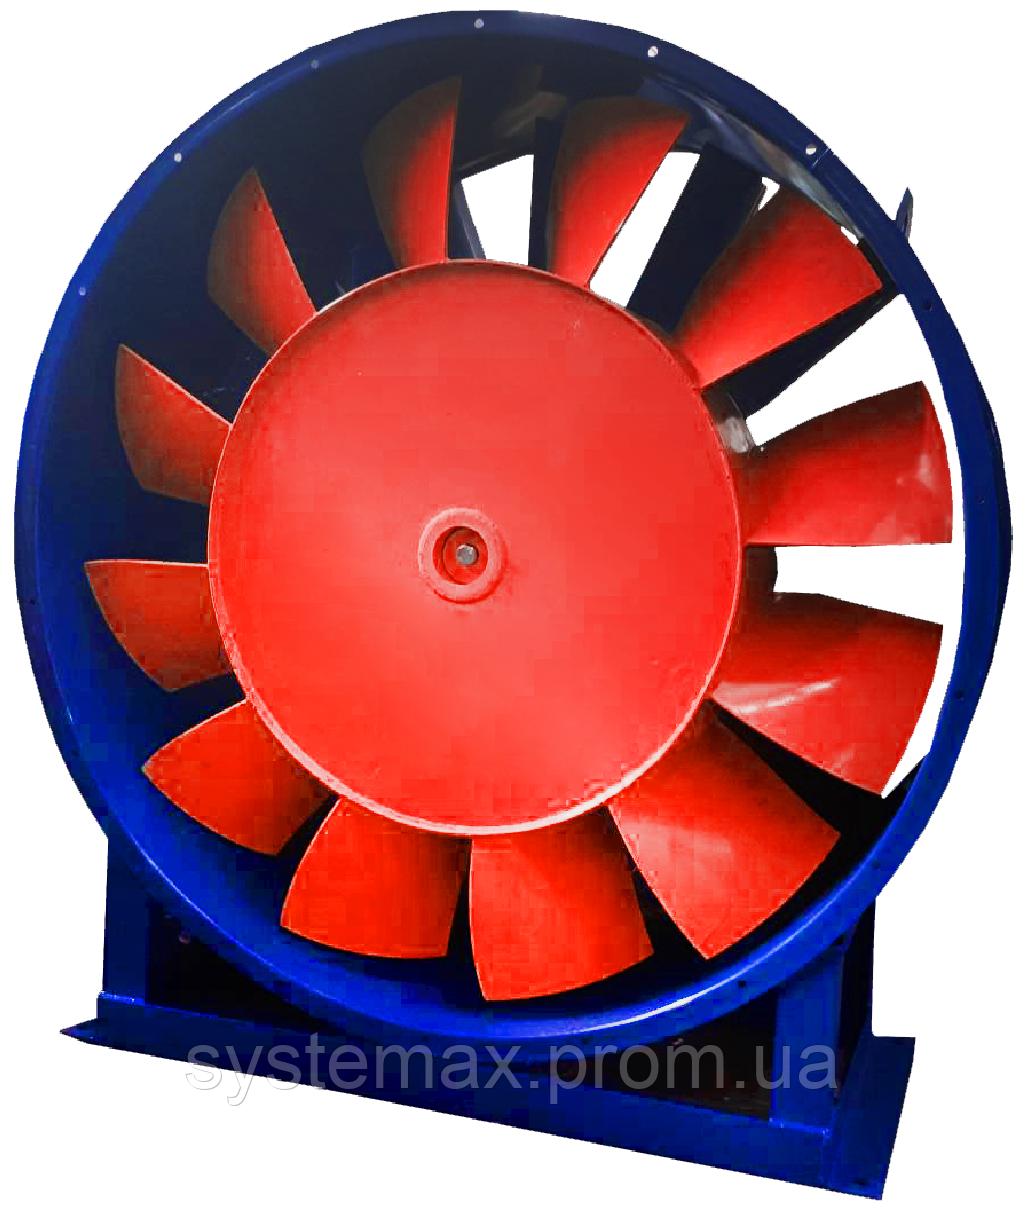 Вентилятор осевой В 2,3-130 №8 (ВО-46-130 №8)